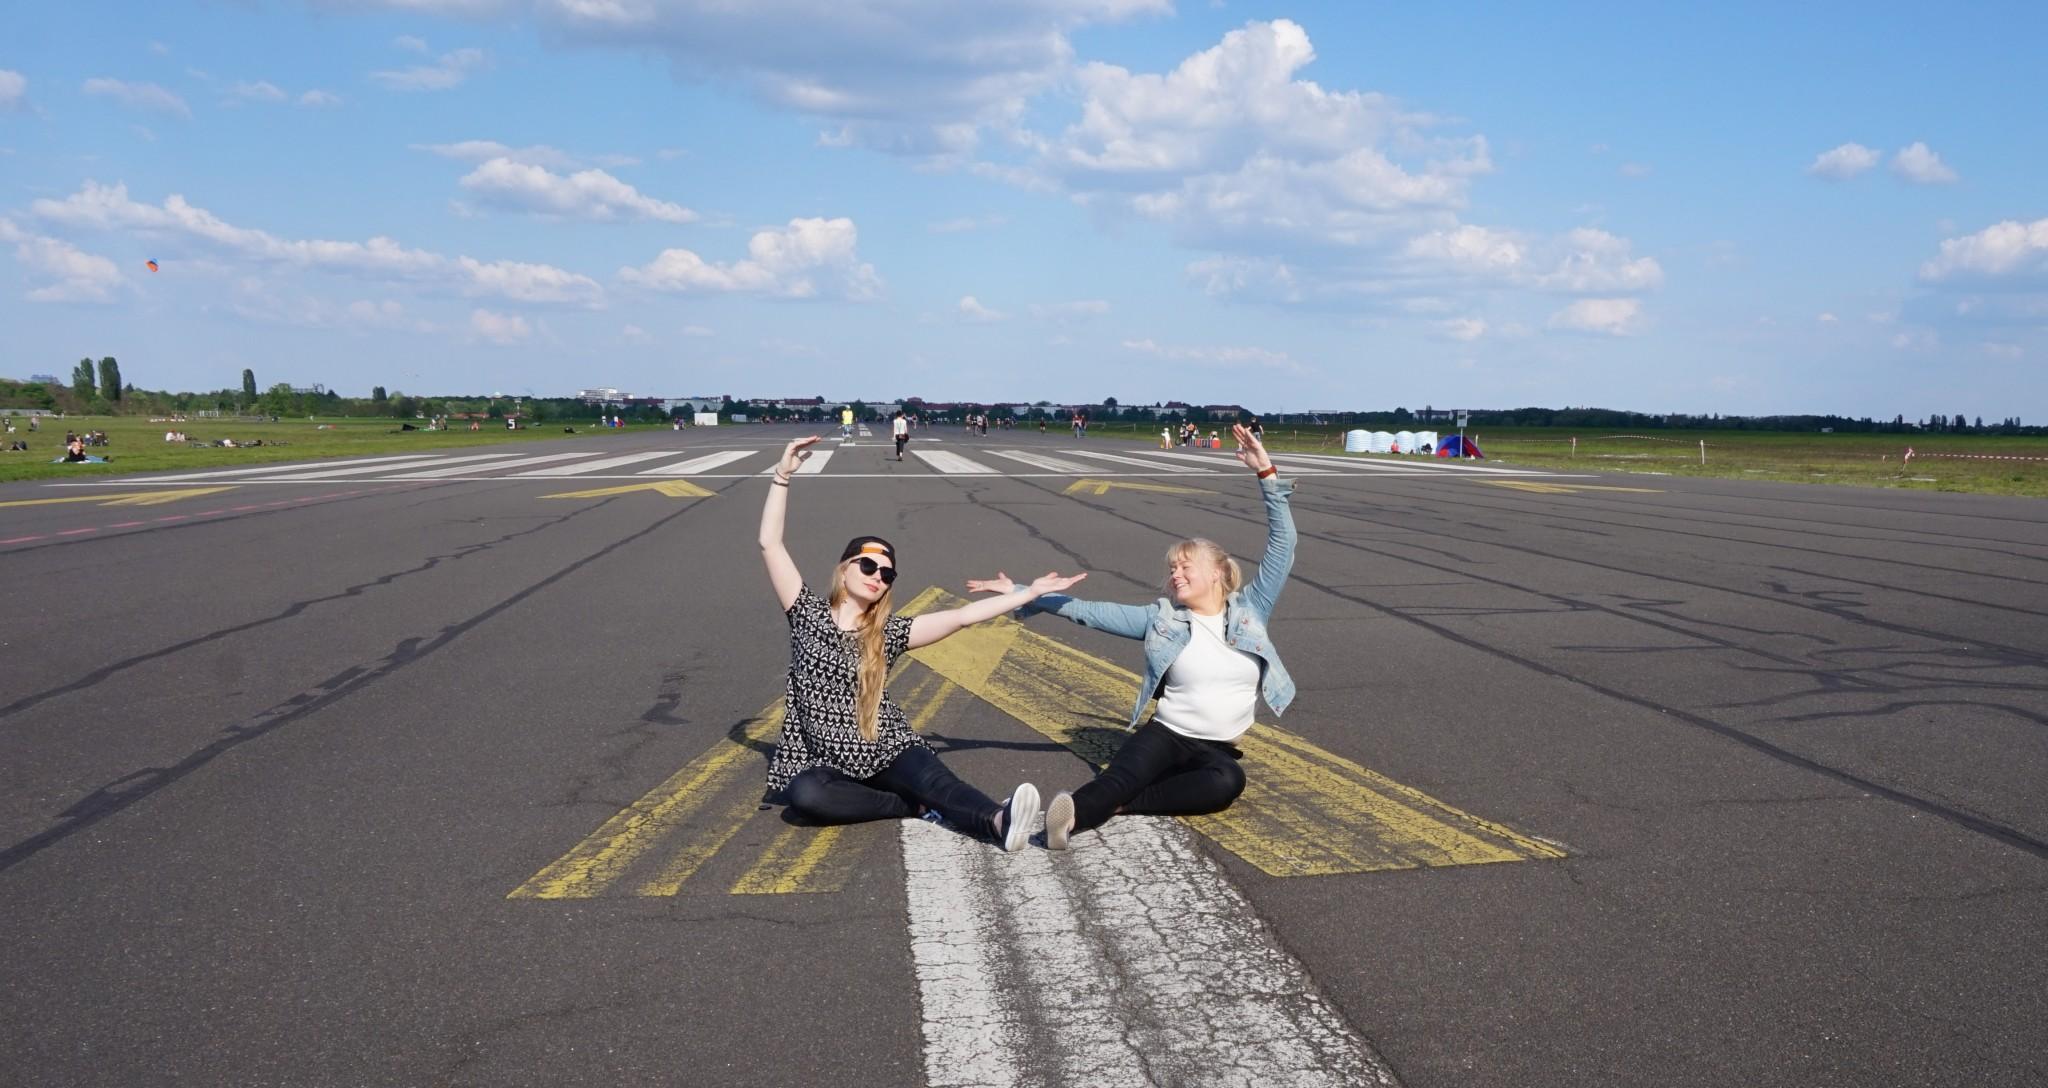 Tempelhofin lentokenttä (163)